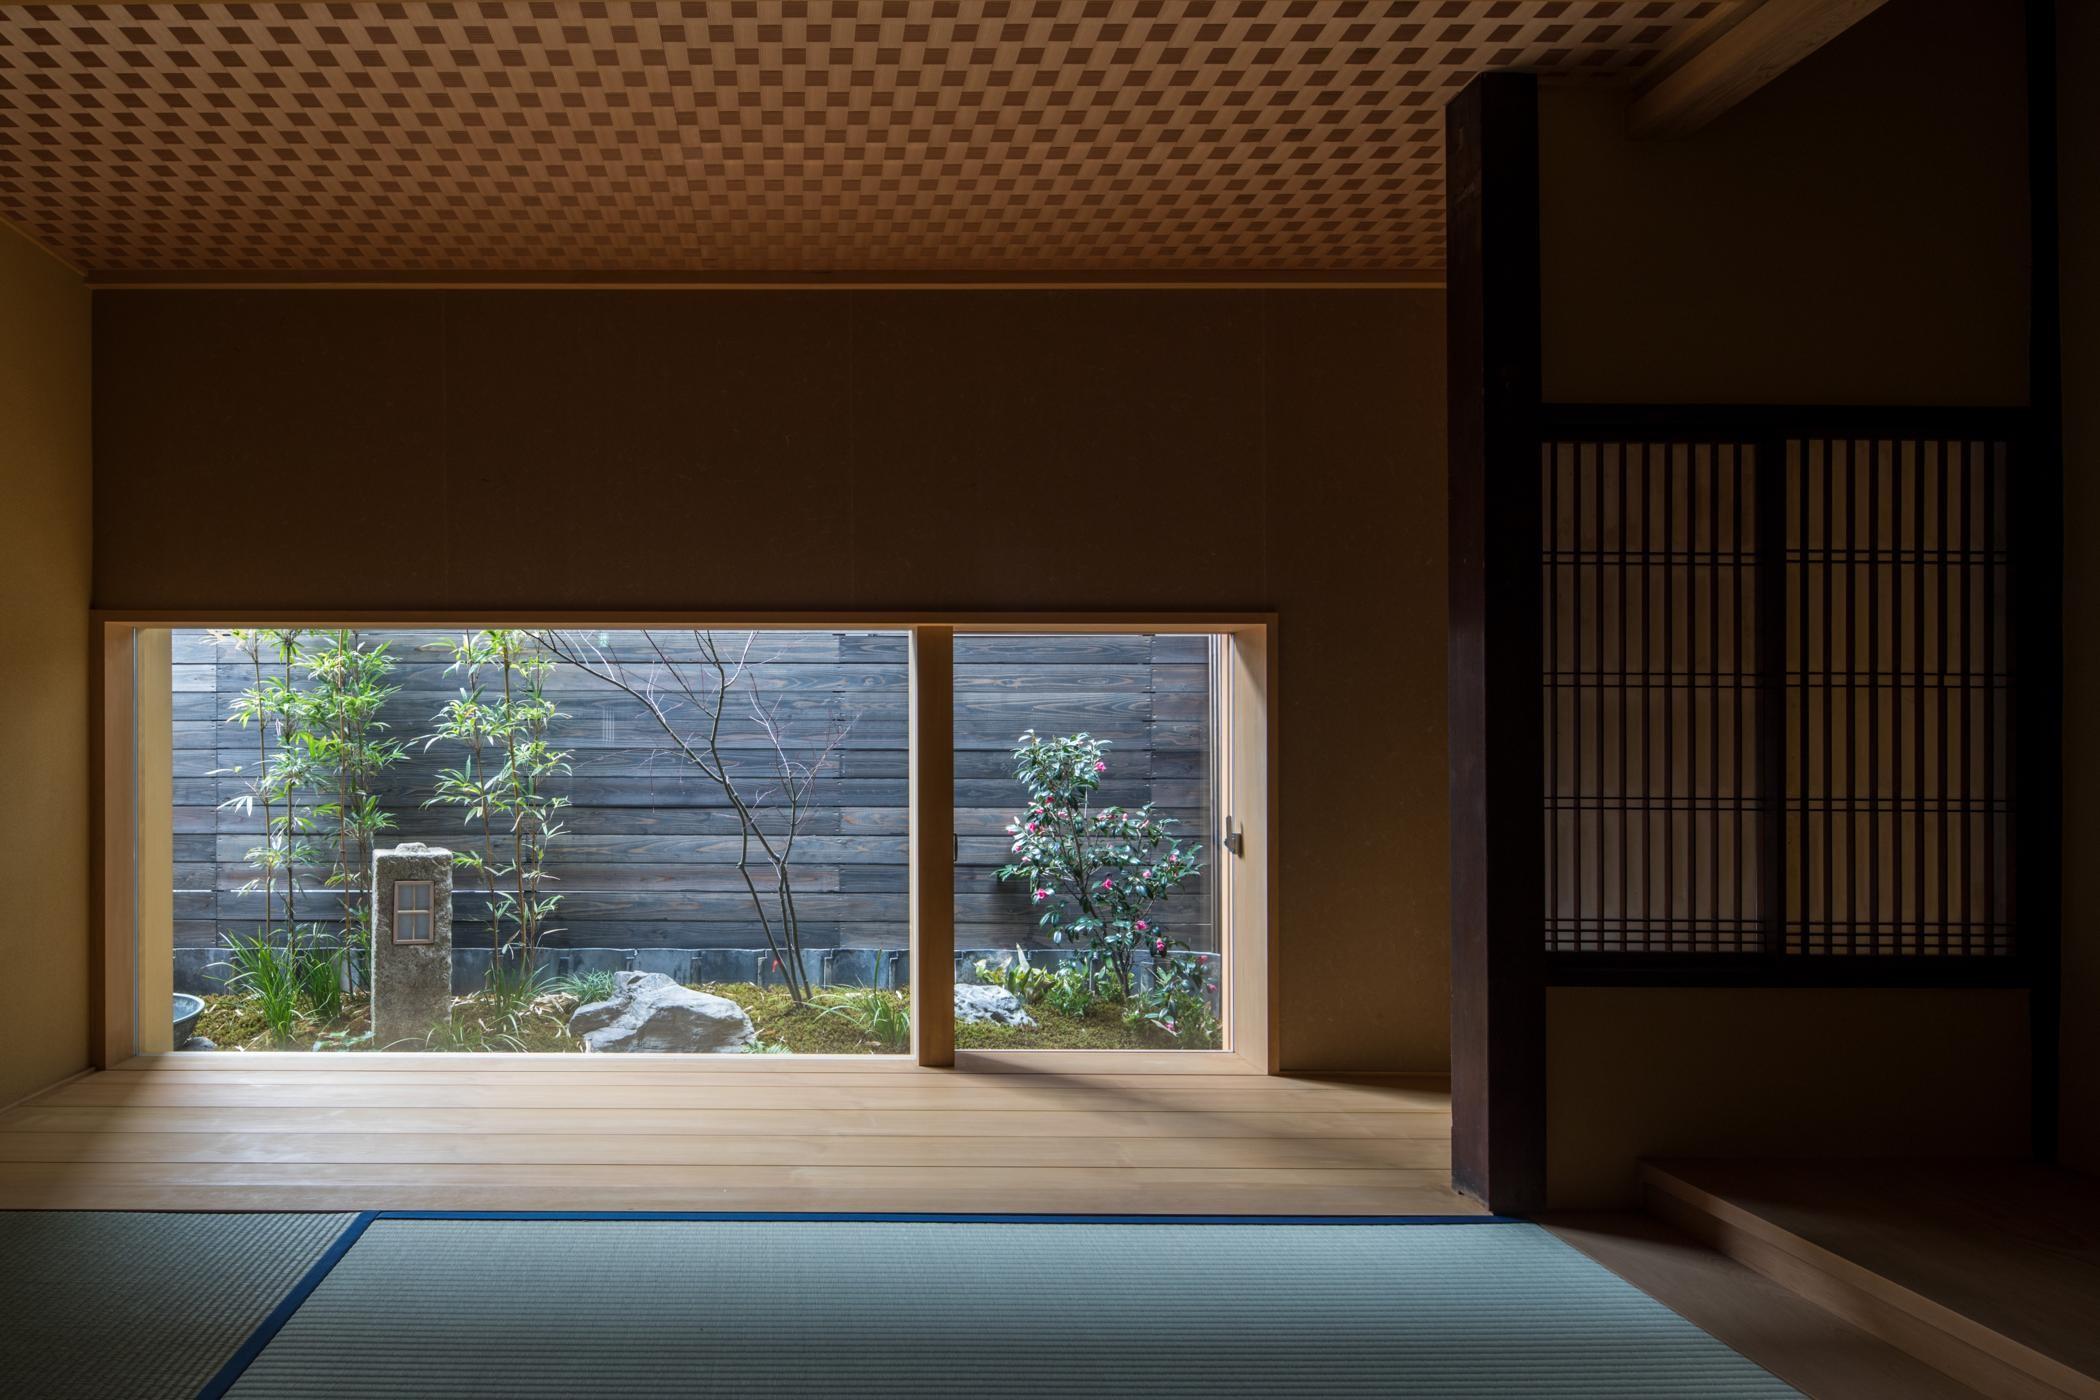 リビングダイニング事例:居間/高さを抑えた窓から一幅の屏風のような庭が見えます(学林町の町家/耐震・断熱改修も行った京町家のリノベーション)